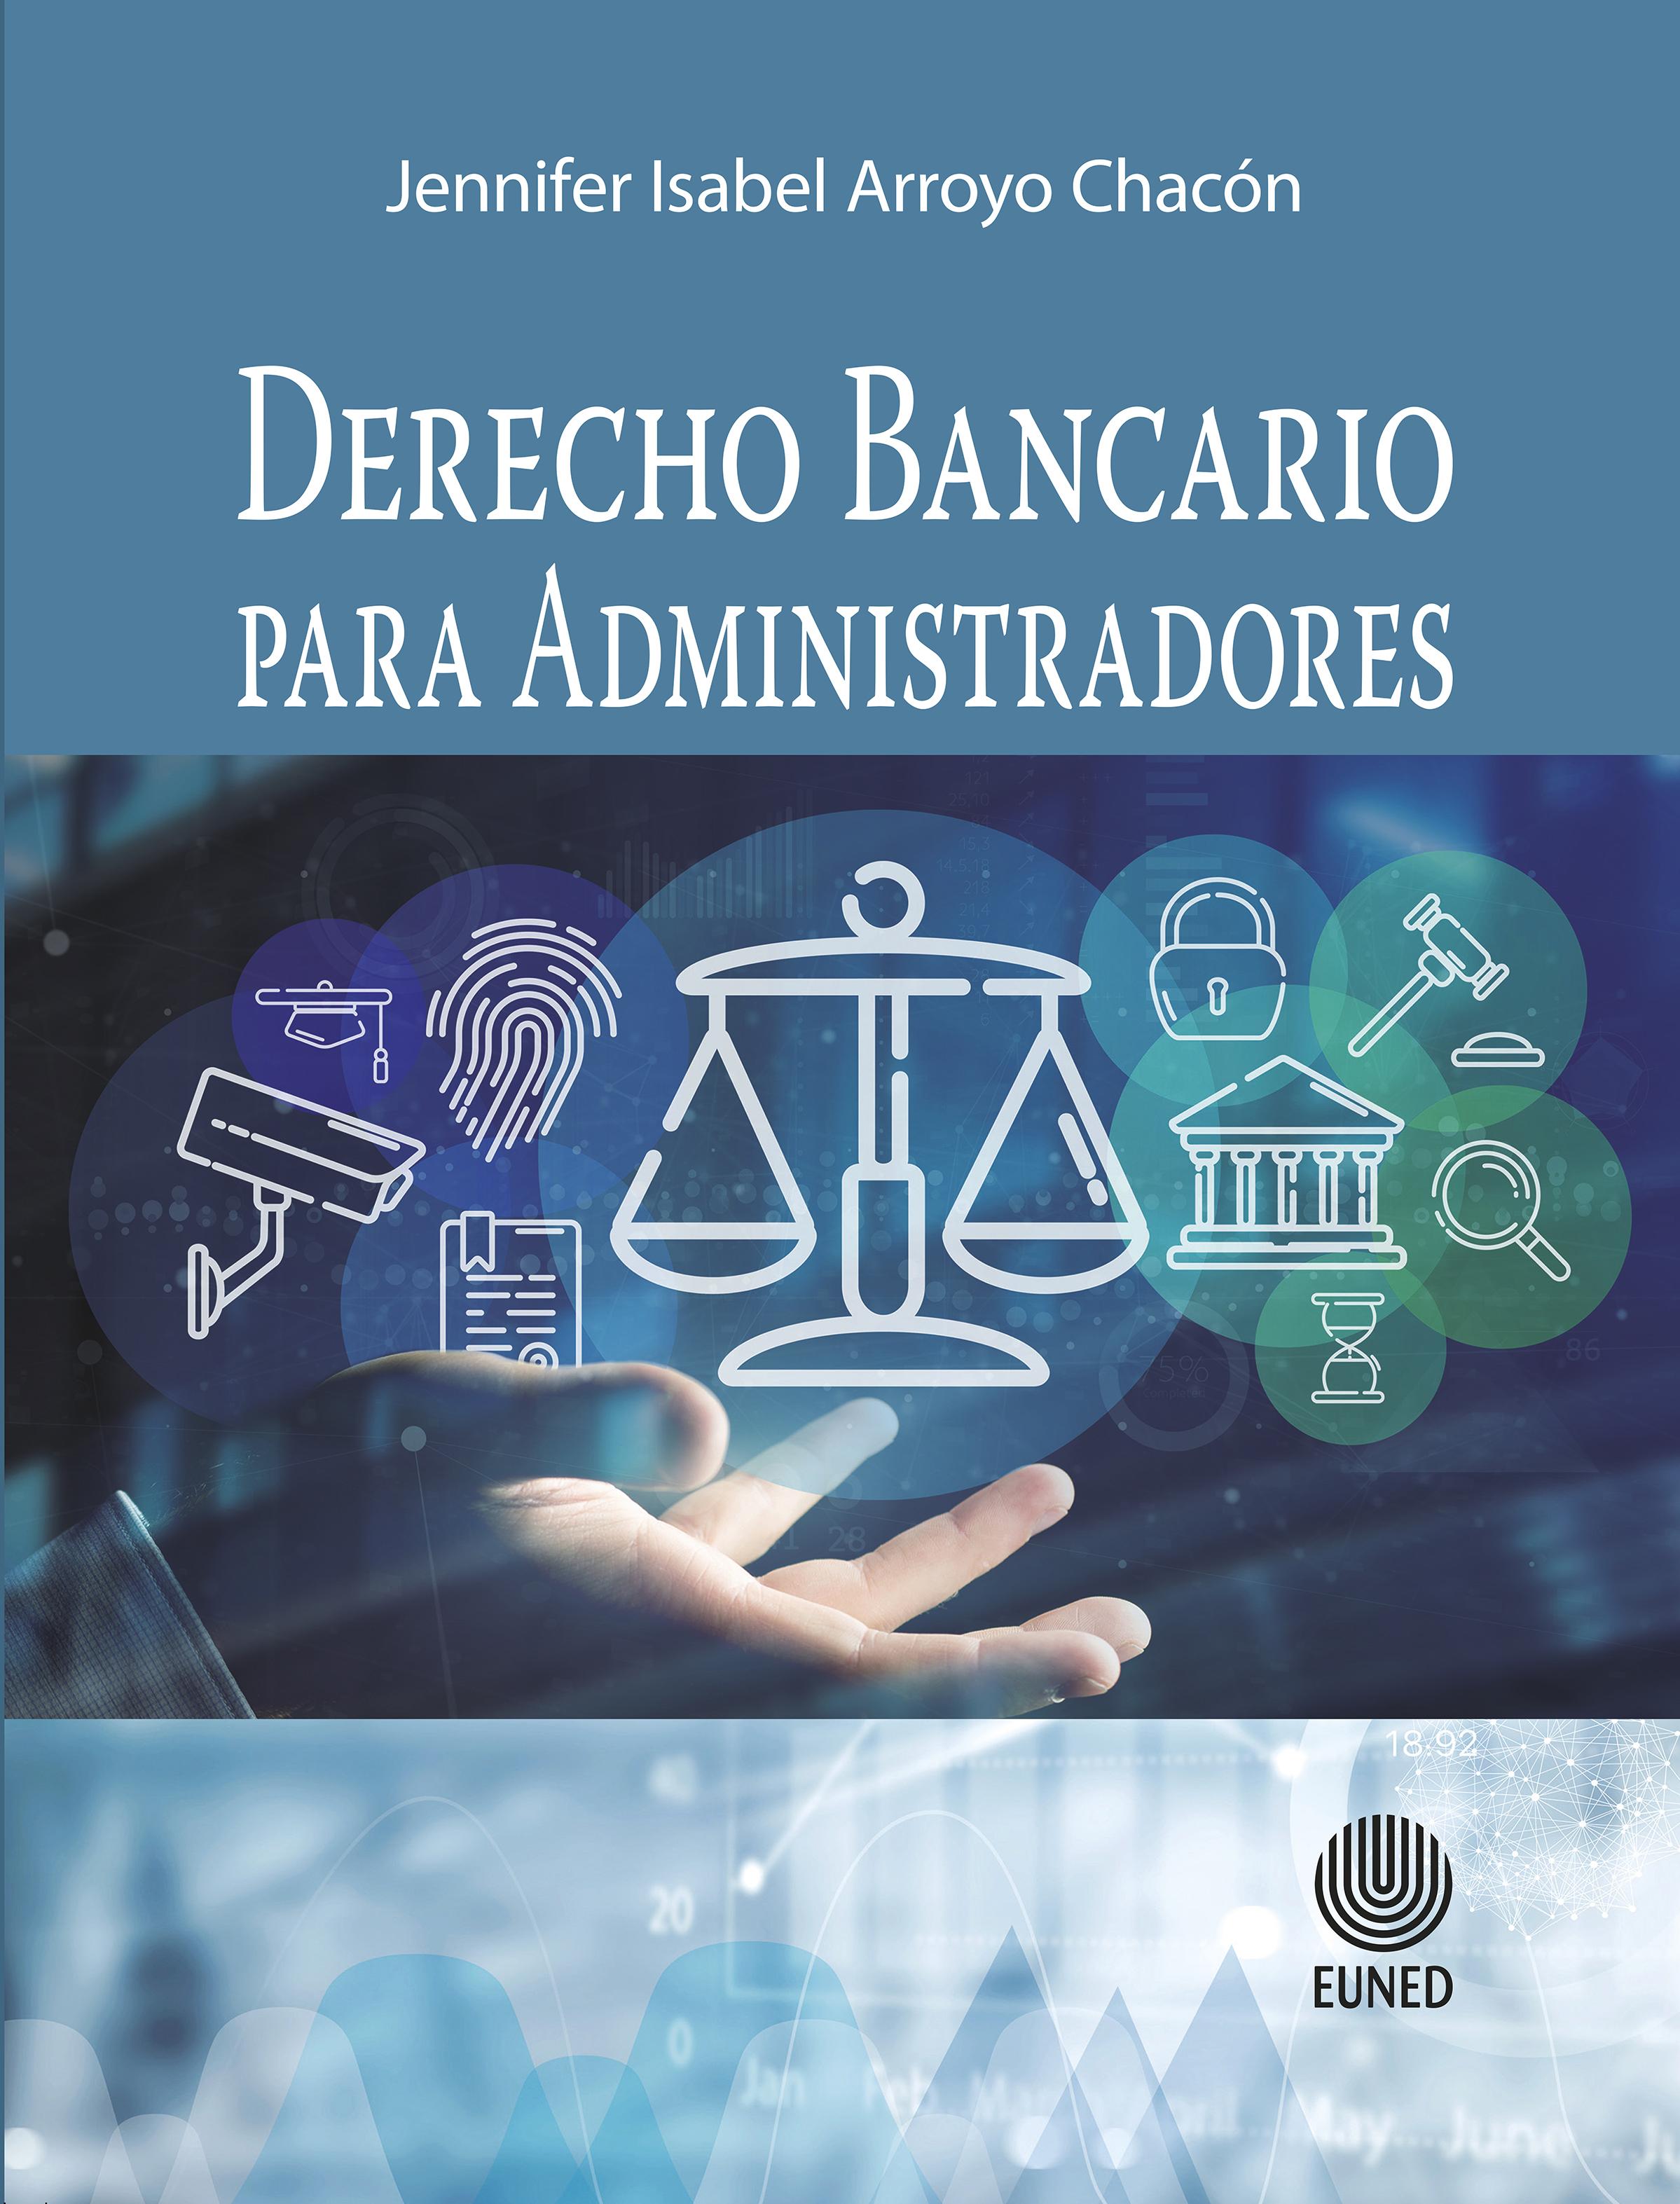 Derecho bancario para administradores